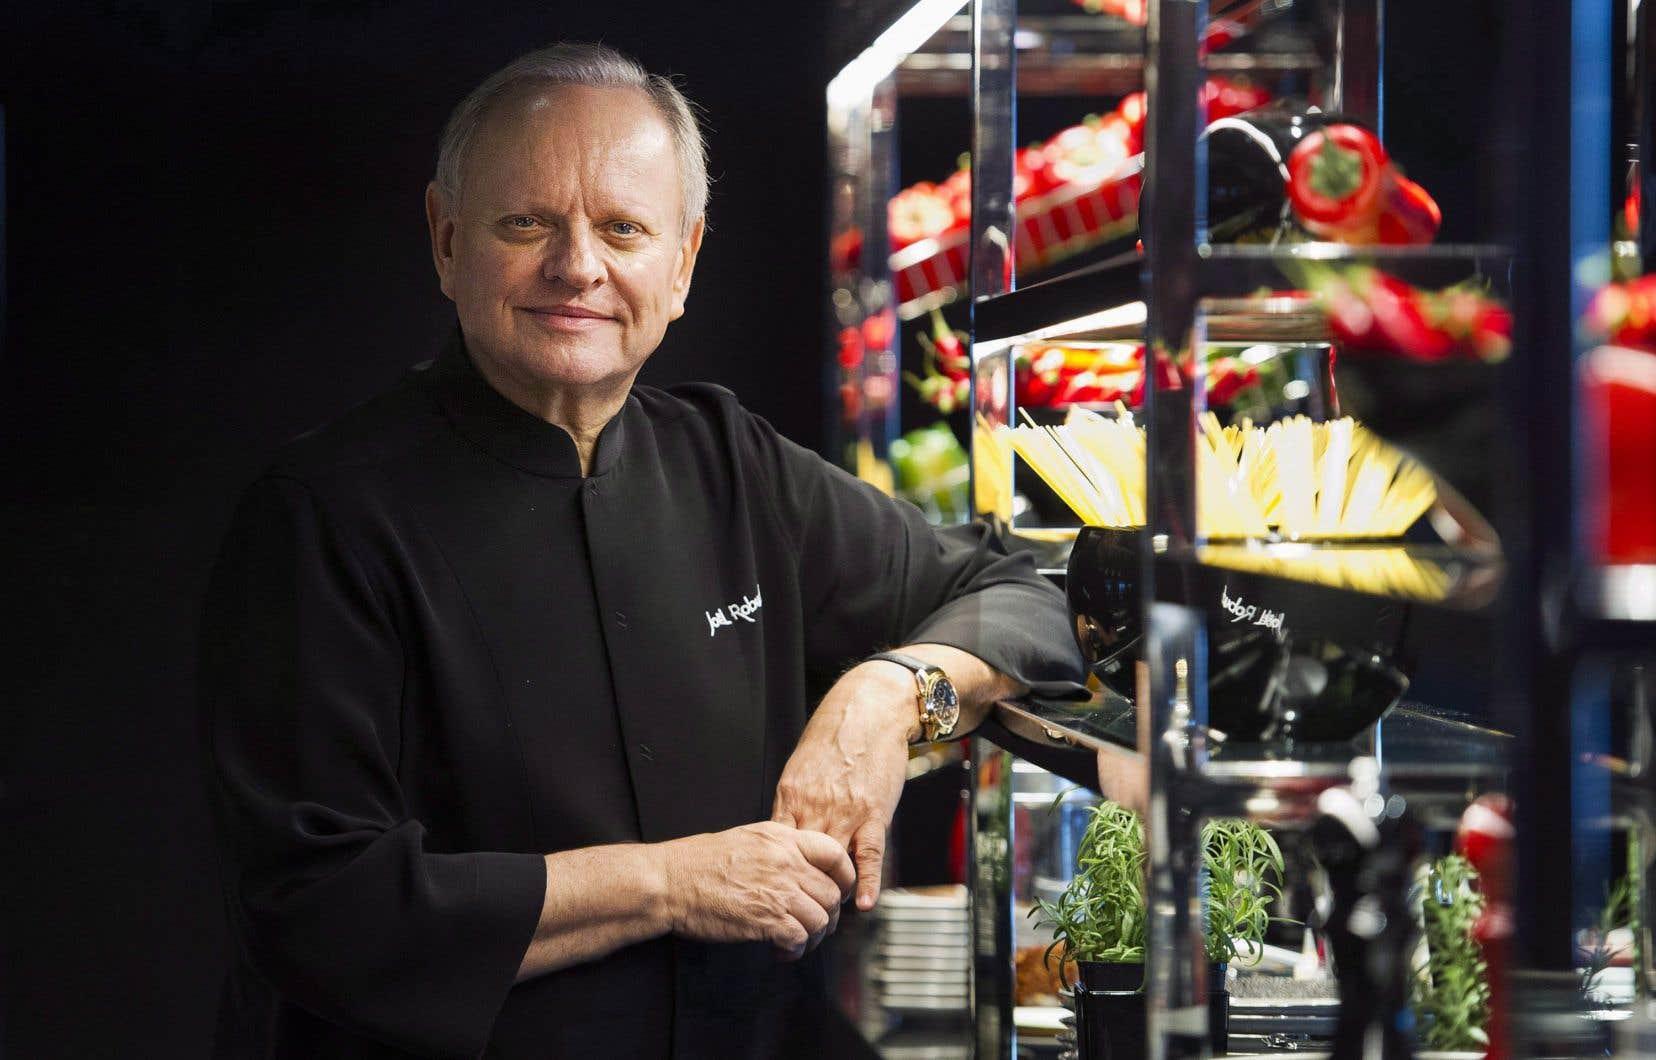 Le chef Joël Robuchon en décembre 2016, lors de l'ouverture de son «Atelier» au Casino de Montréal